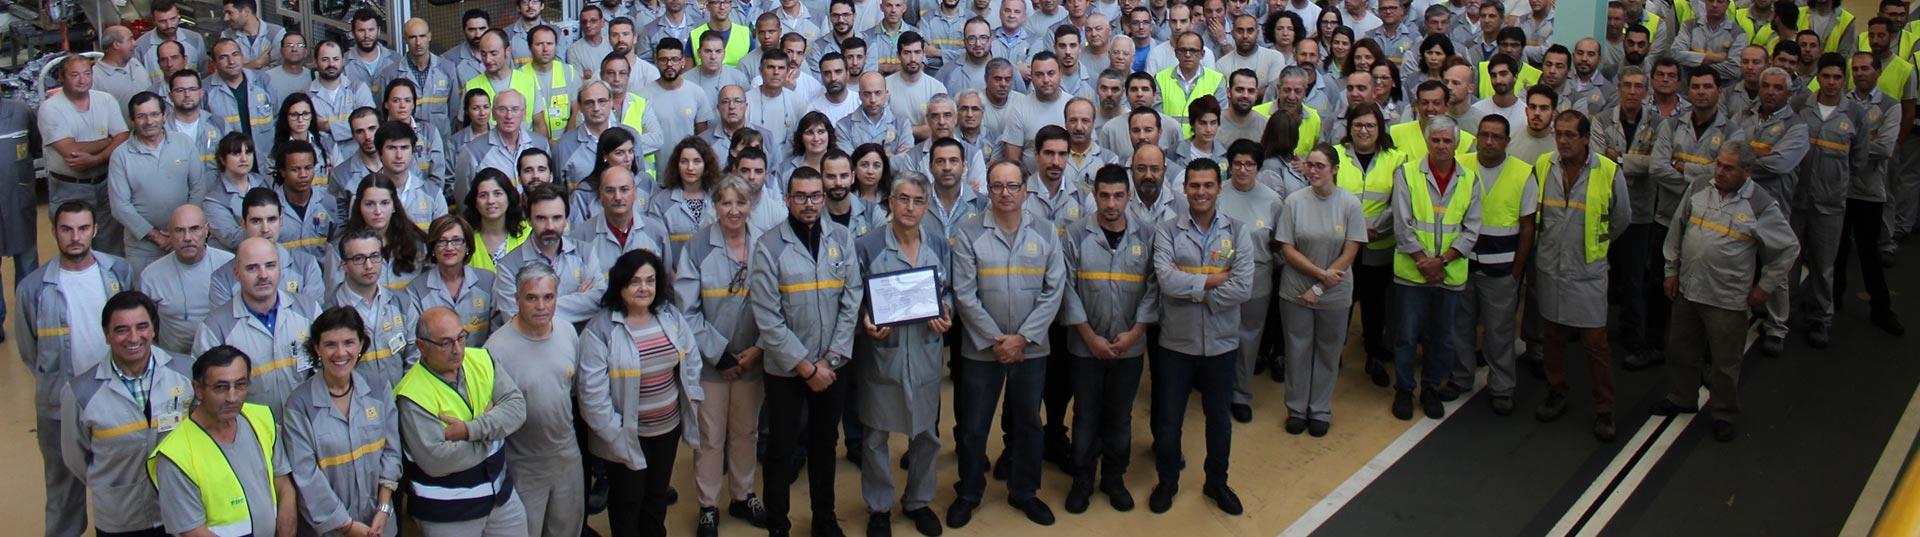 Fábrica Renault-Nissan de Cacia, Aveiro